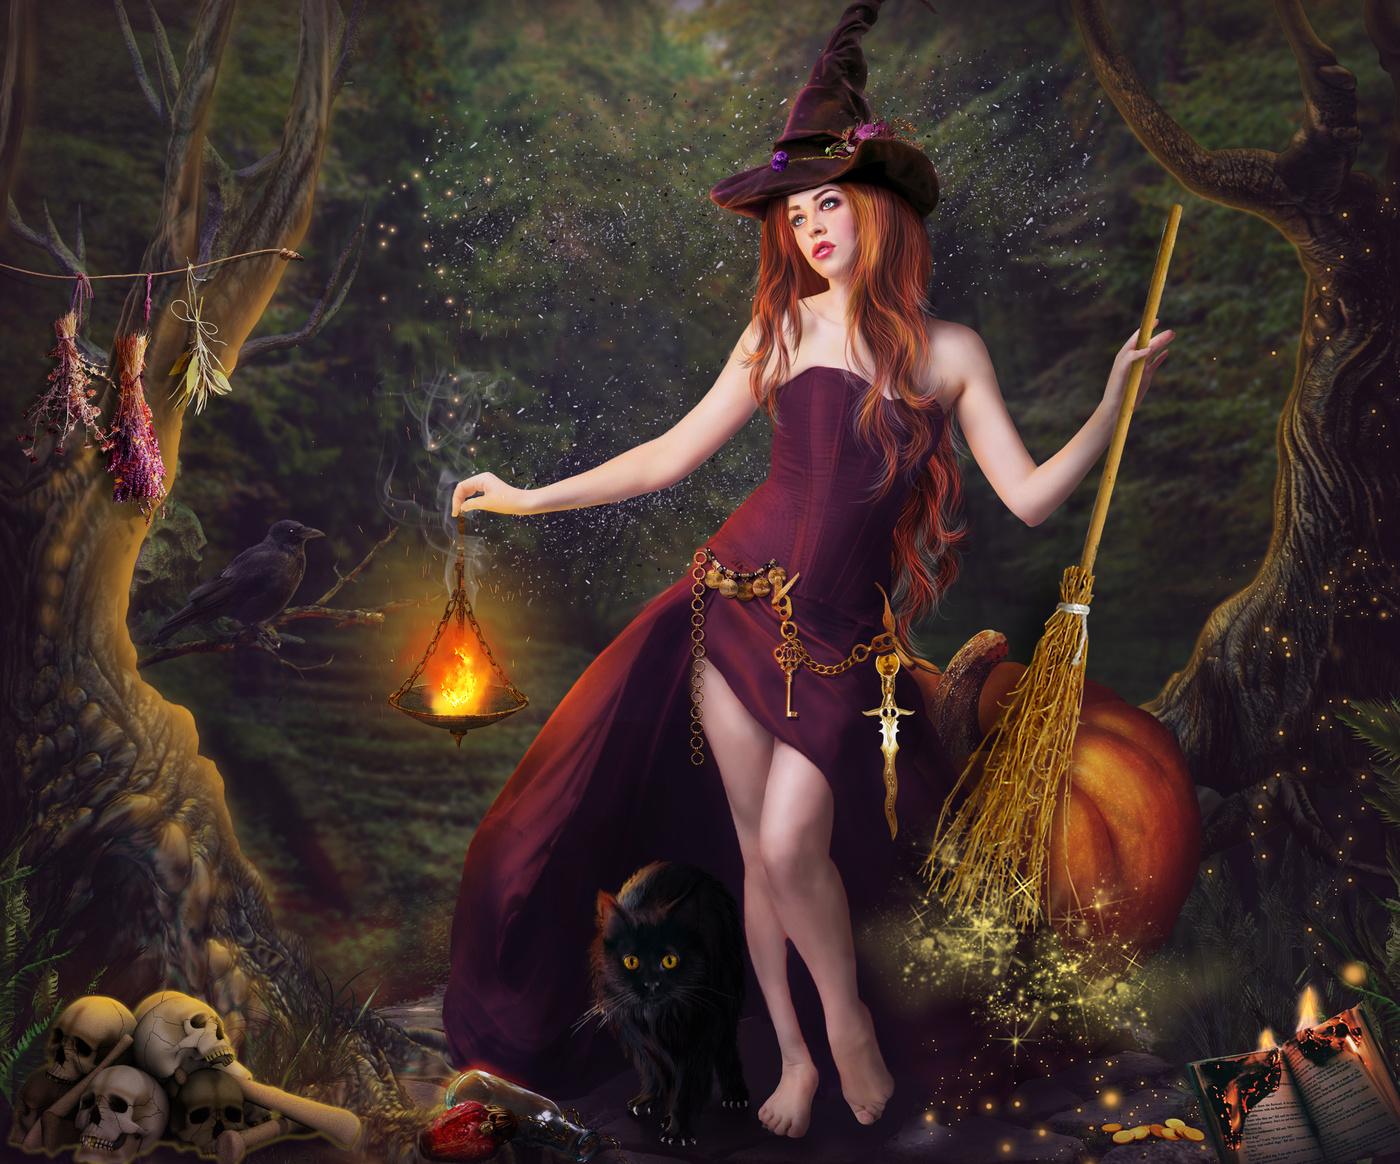 месяц картинки моя прекрасная ведьмочка представьте